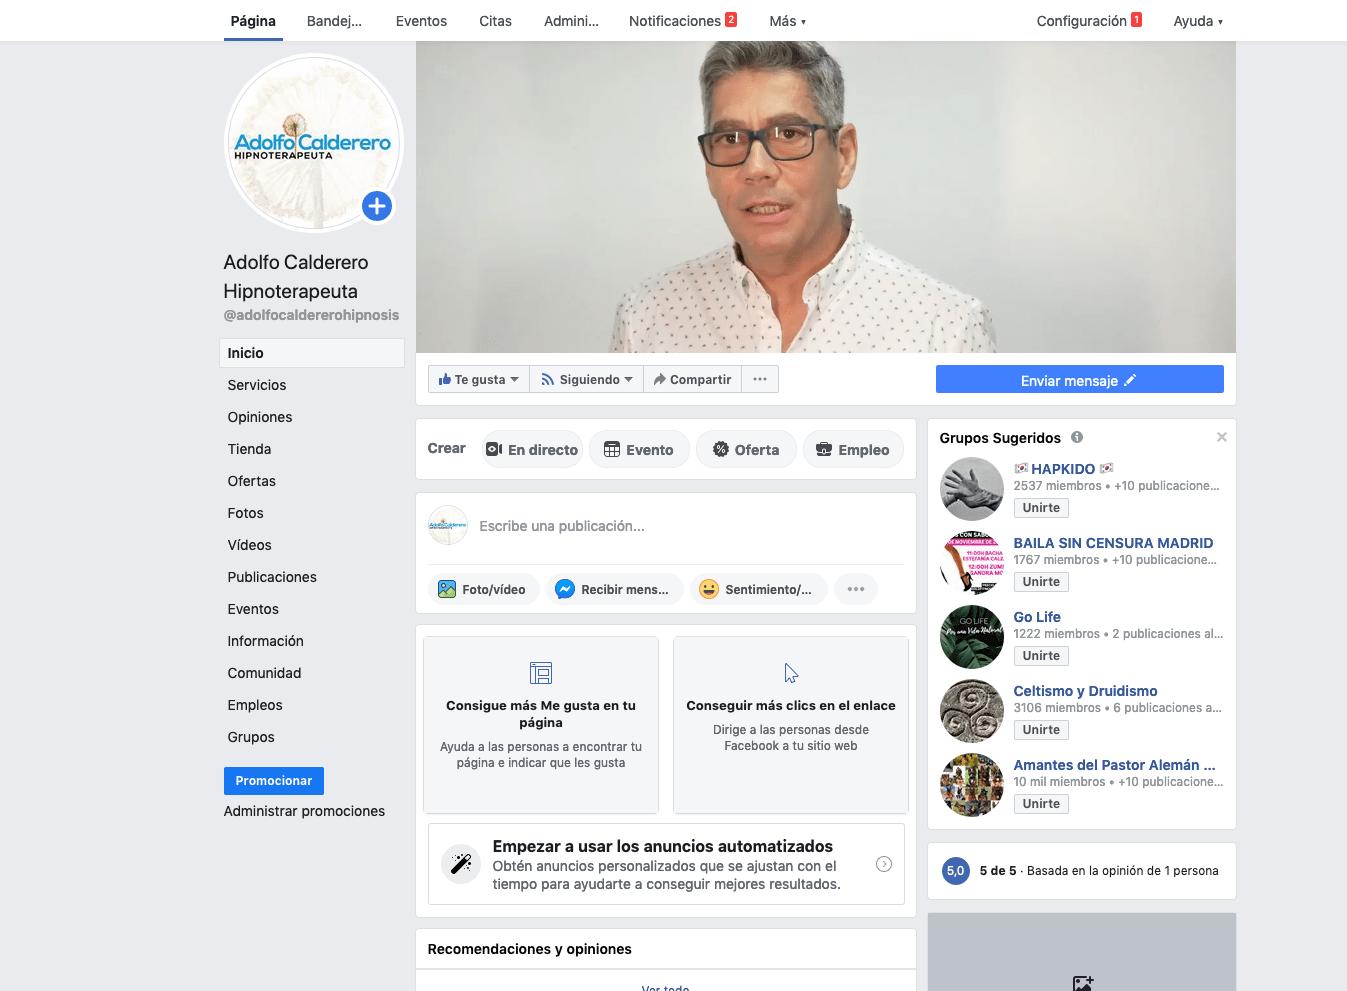 https://variavista.es/wp-content/uploads/2019/11/Captura-de-pantalla-2019-11-24-17.36.54.png